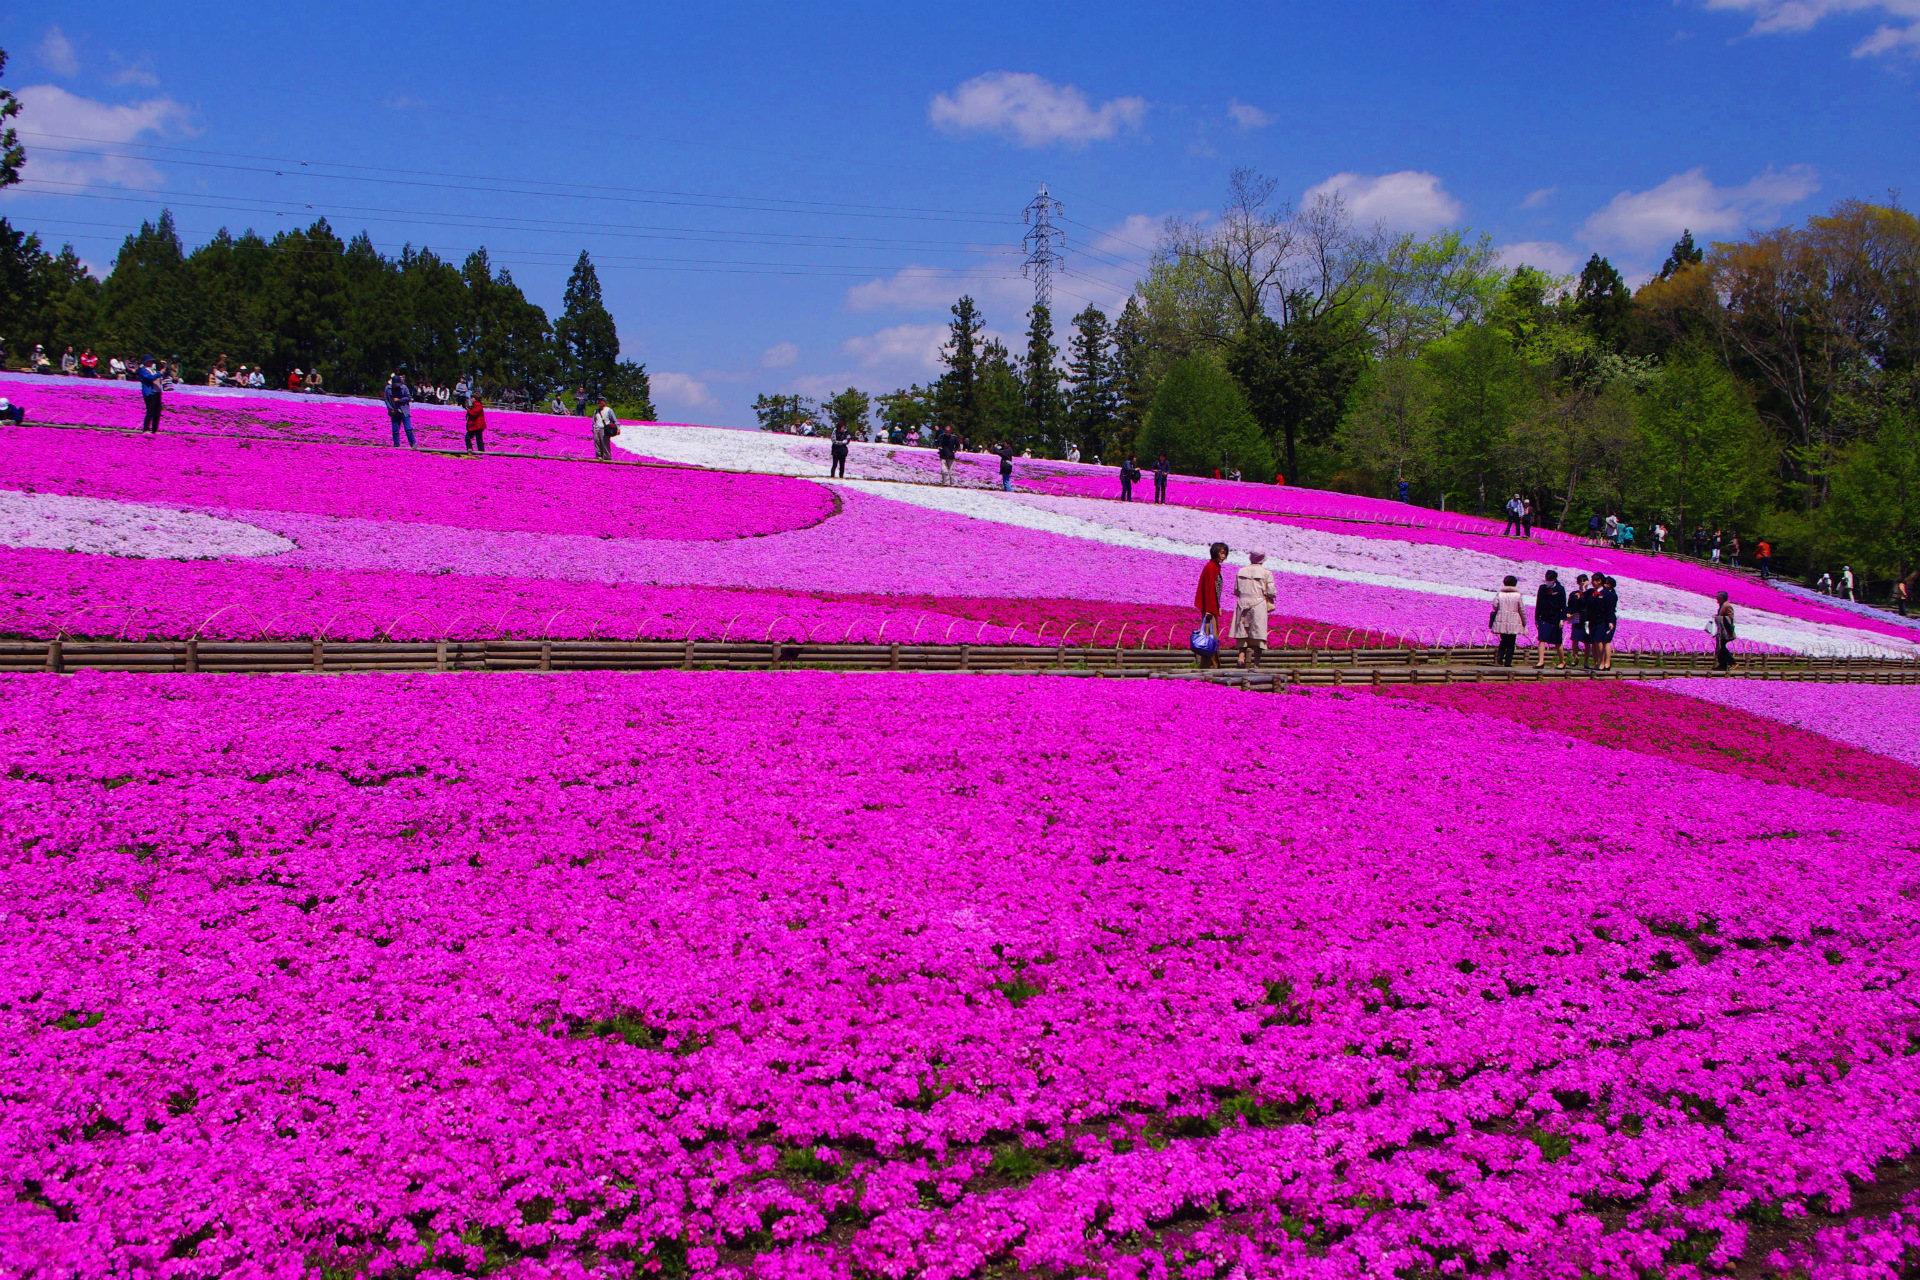 秩父 羊山公園の芝桜の開花や見頃は?入園料や駐車場、混雑状況は?